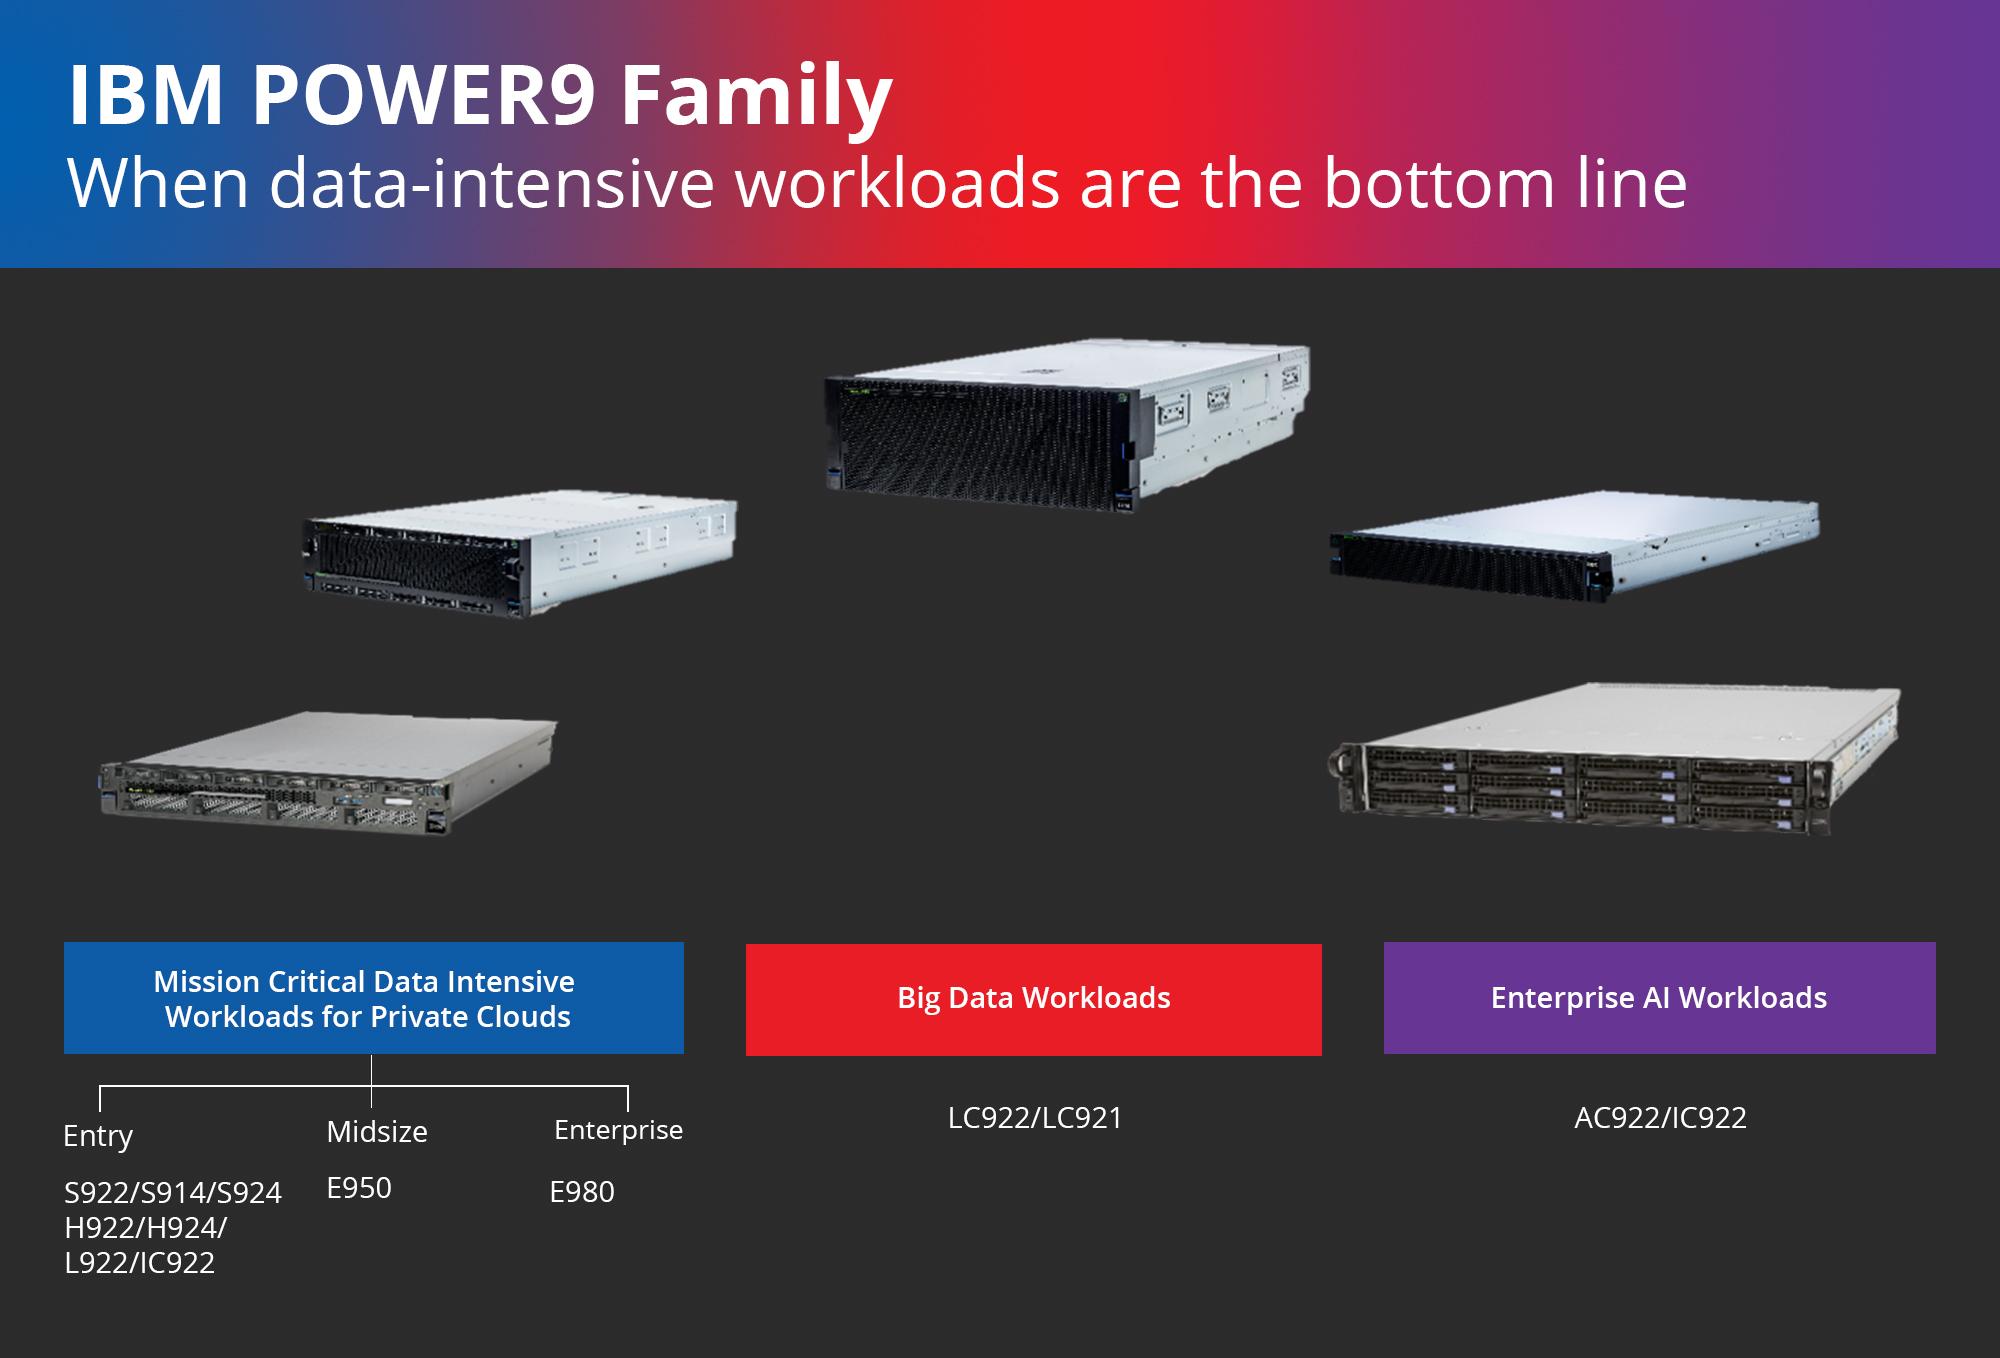 IBM-power9 Family